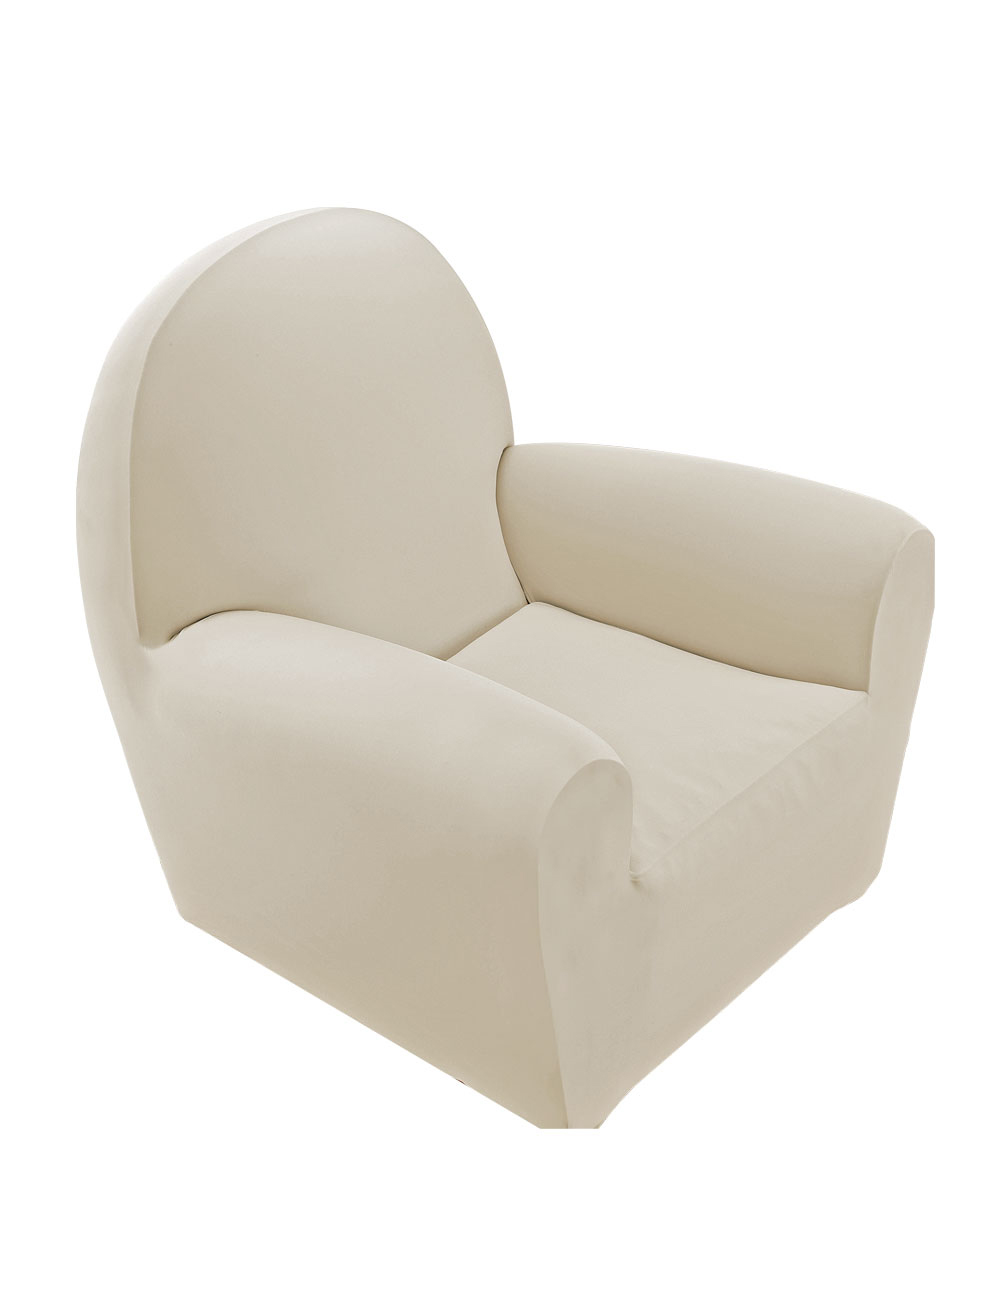 Housse pour chaise en jersey microfibre beige - Housse chaise habitat ...